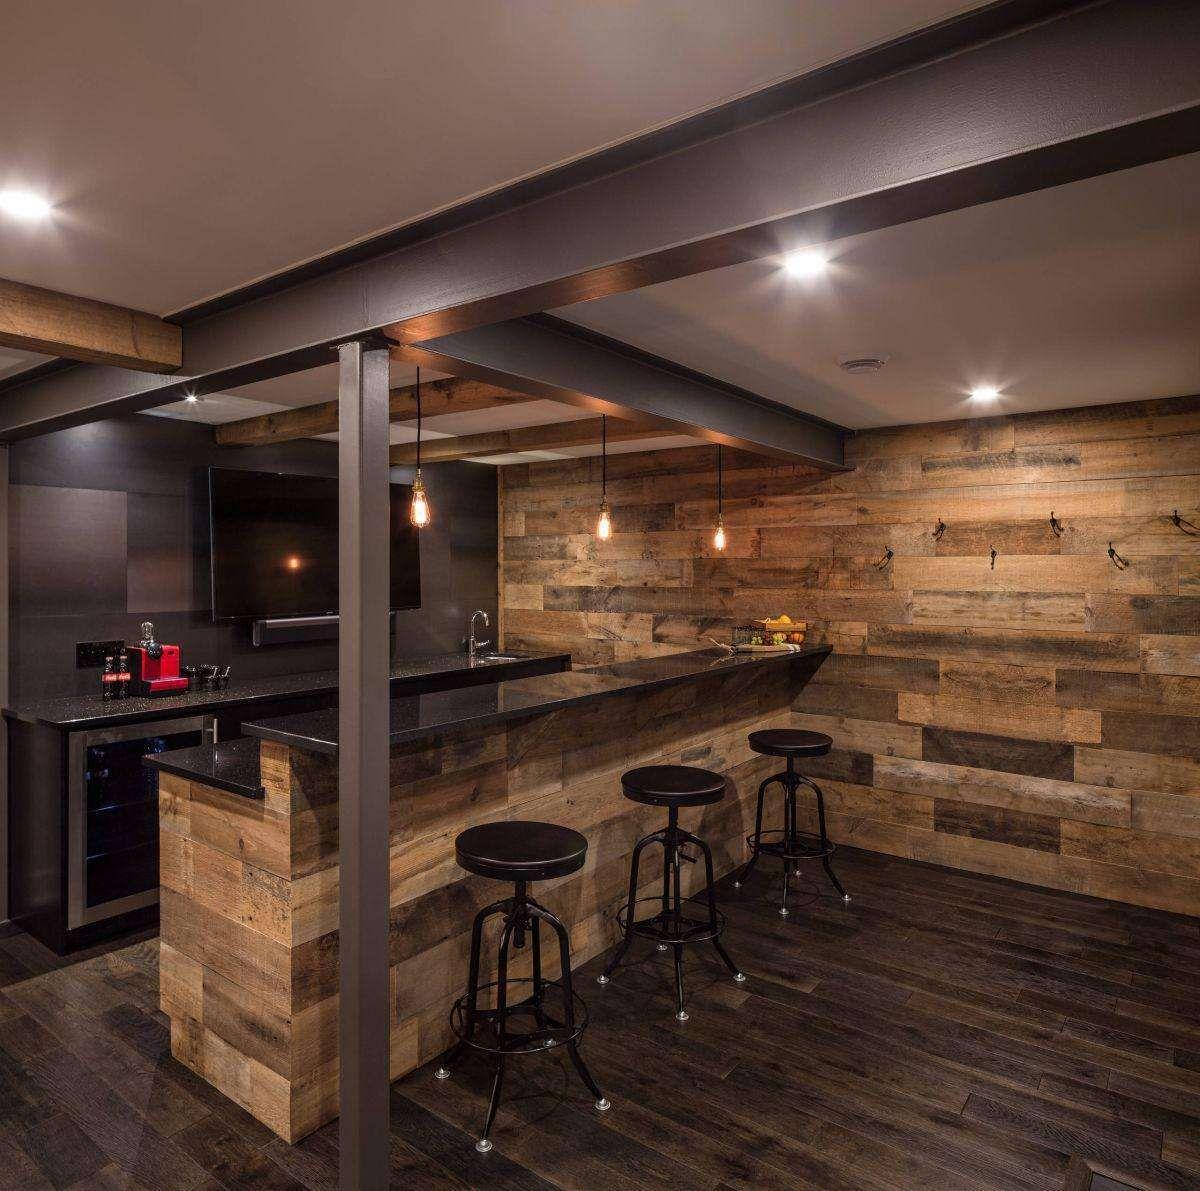 100 Remarquable Idées Bar Design Pour Maison